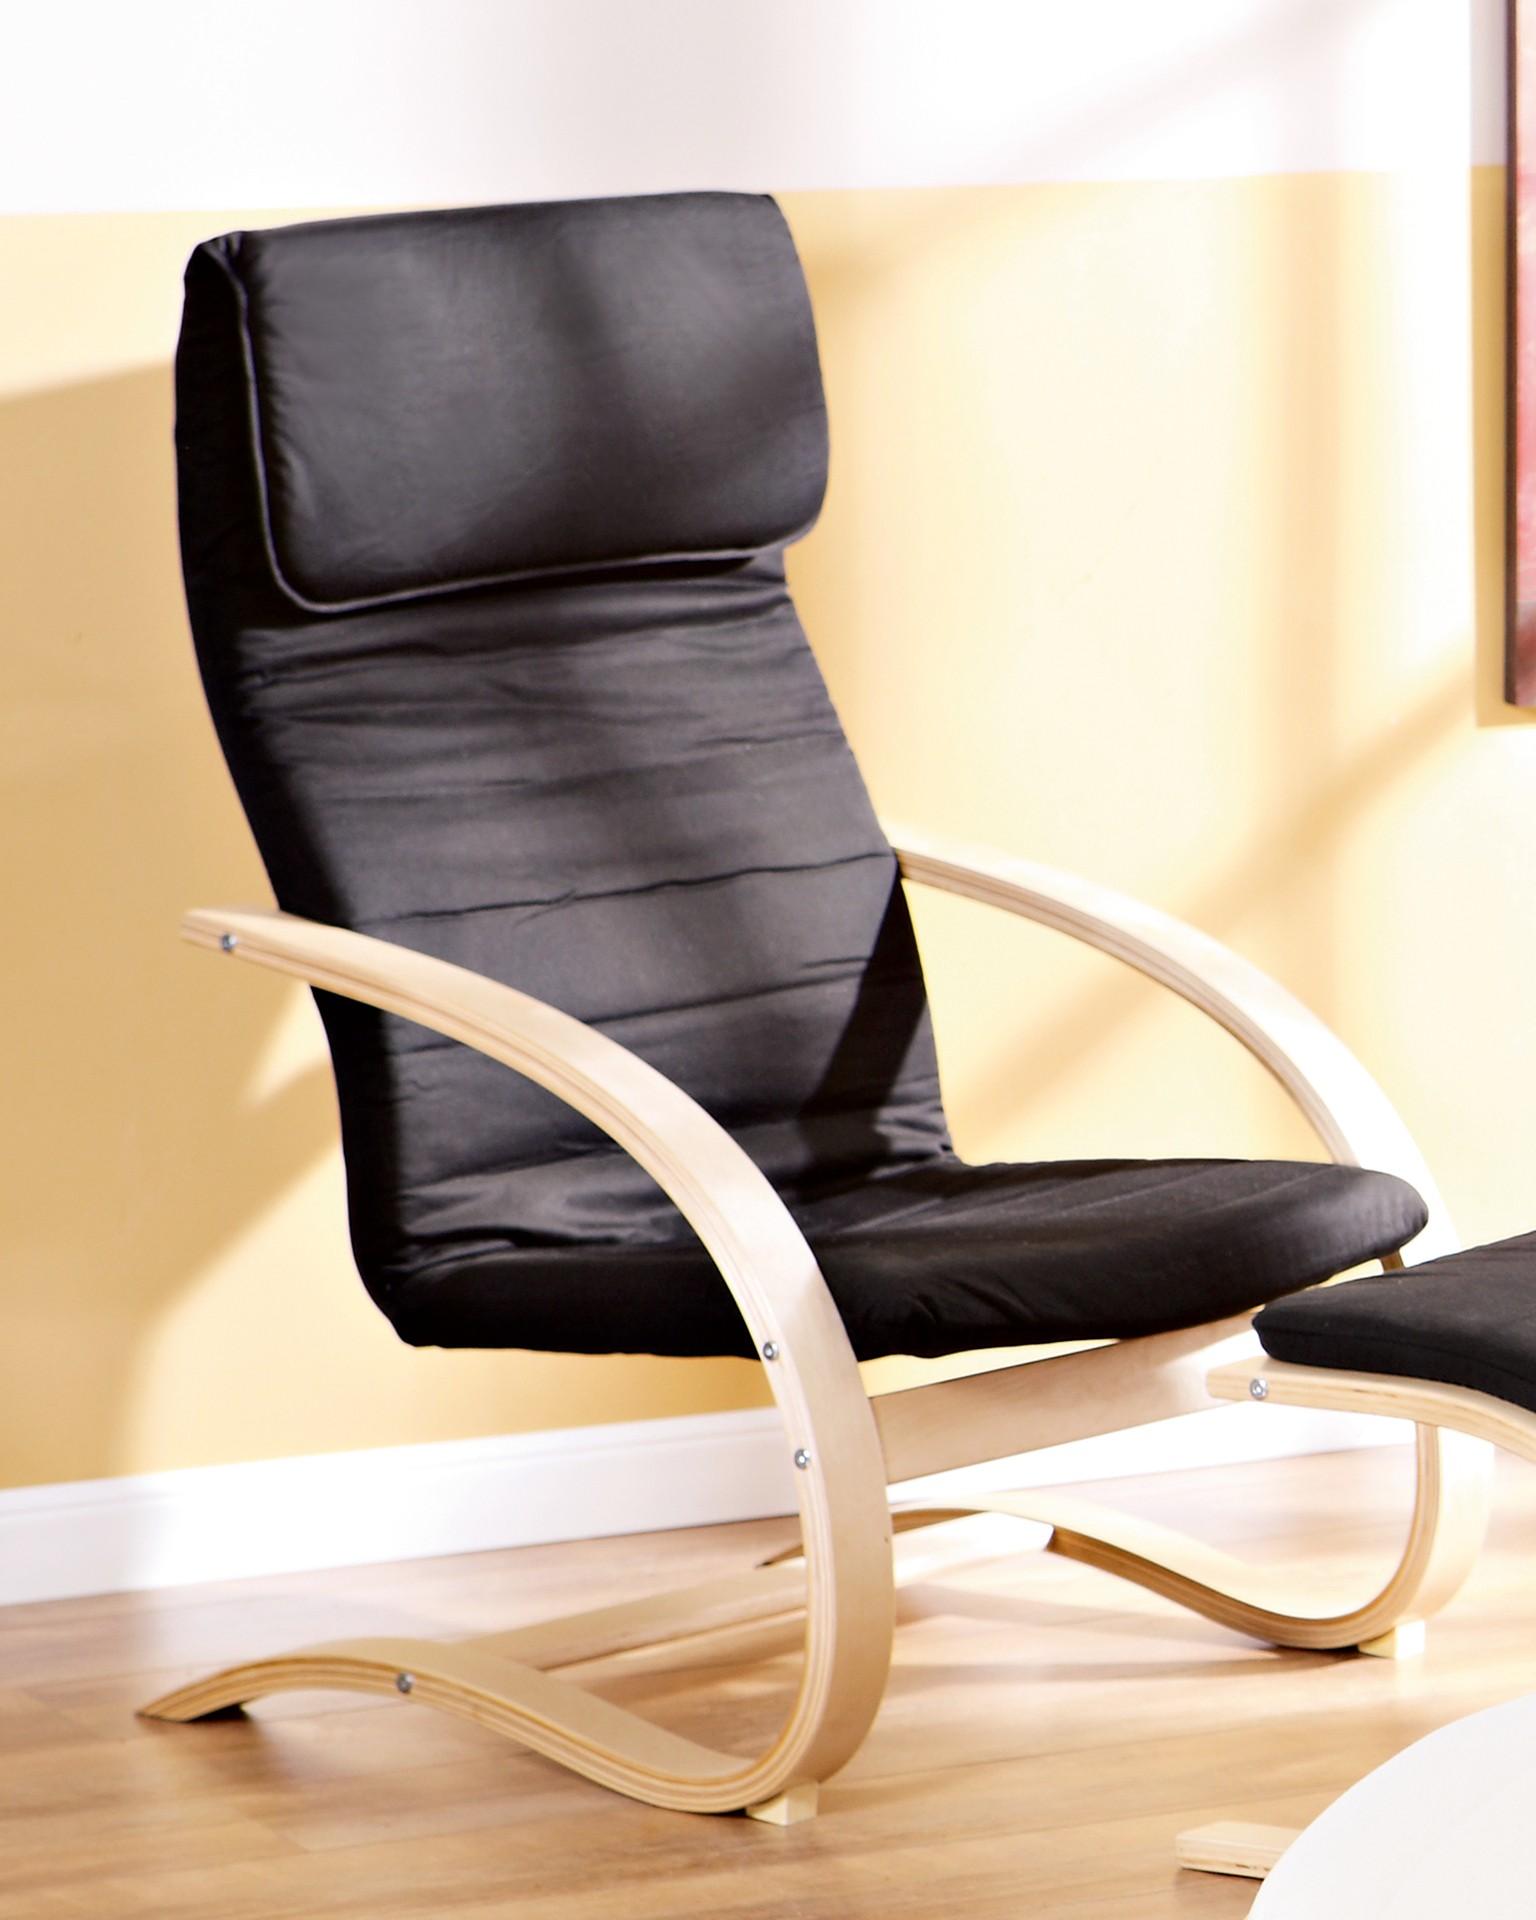 17 sparen relaxsessel tamara im d nischen bettenlager nur 59 95 cherry m bel d nisches. Black Bedroom Furniture Sets. Home Design Ideas